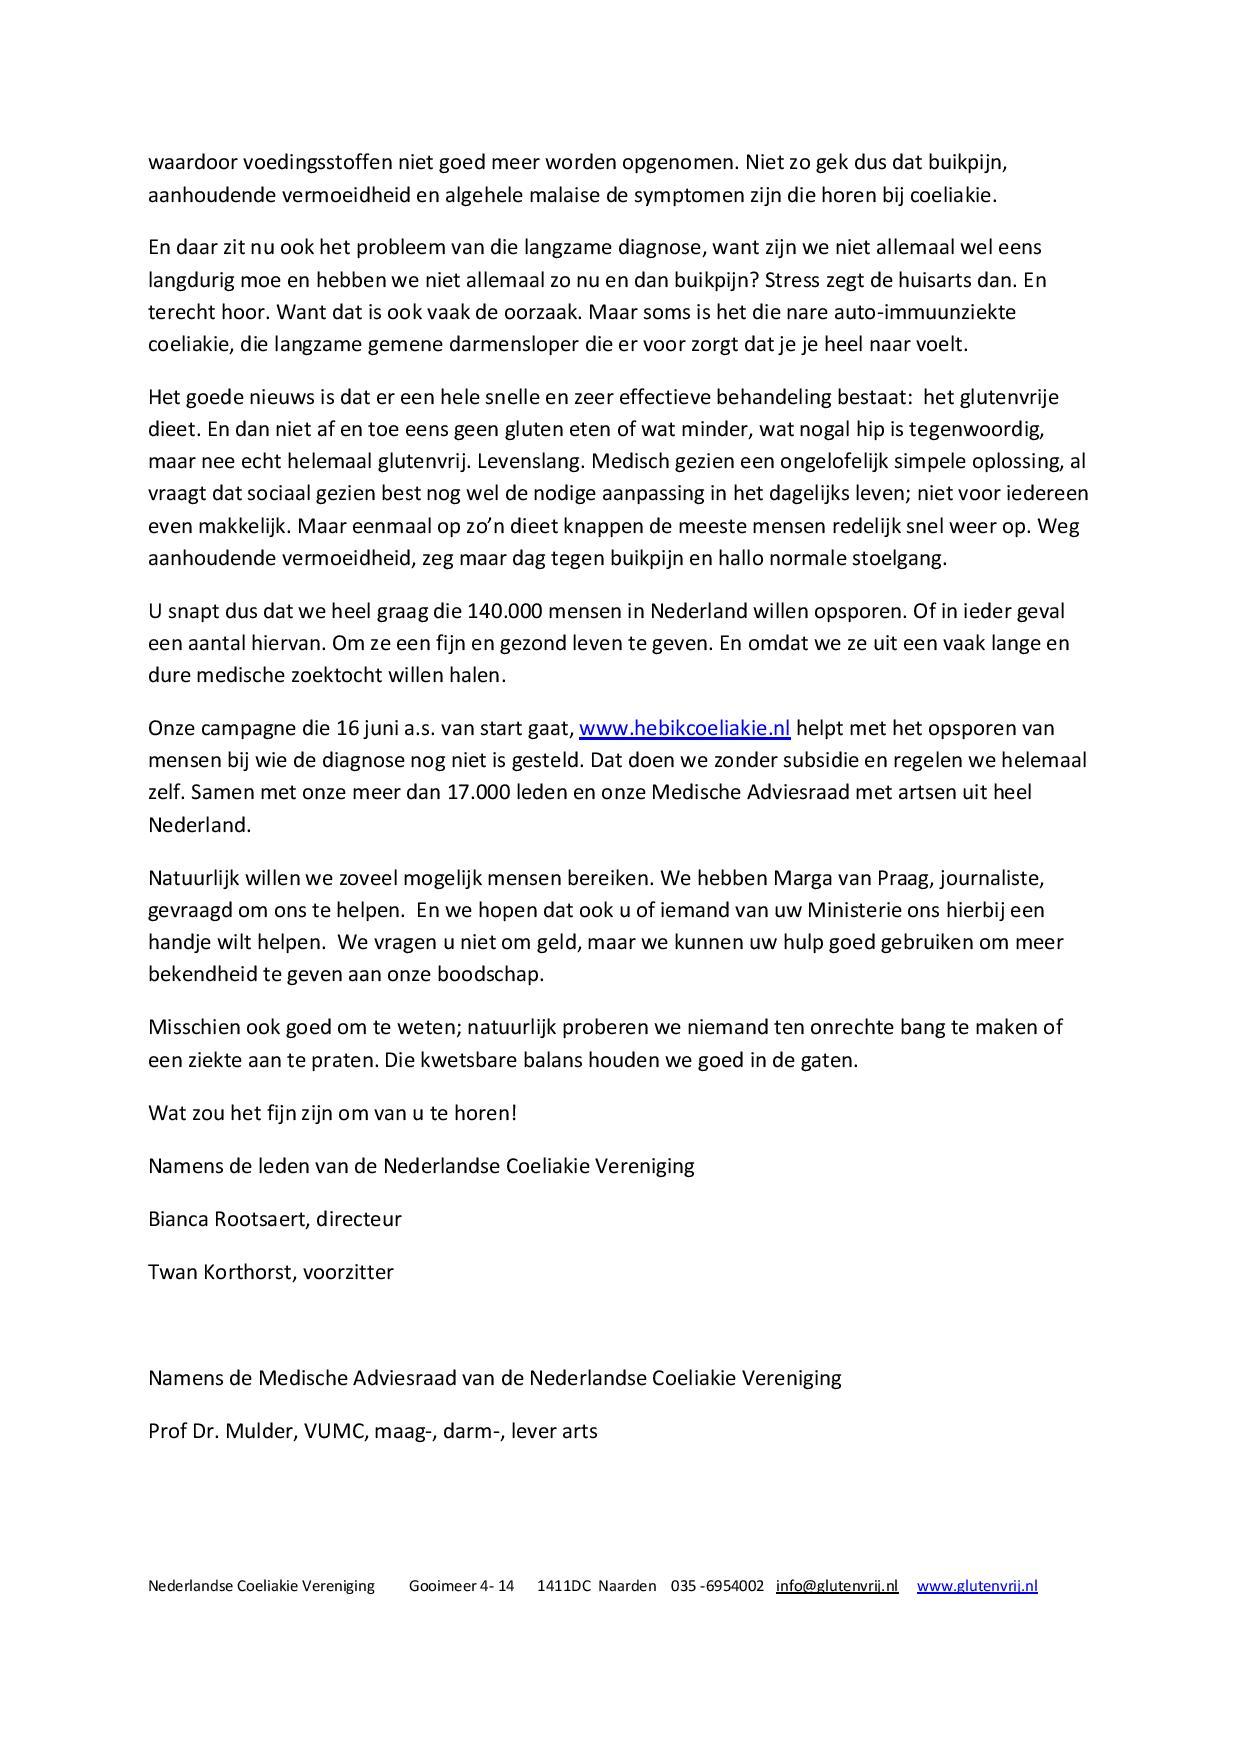 Open-brief-Minister-Schippers-Internationale-Dag-van-de-Coeliakie-page-002